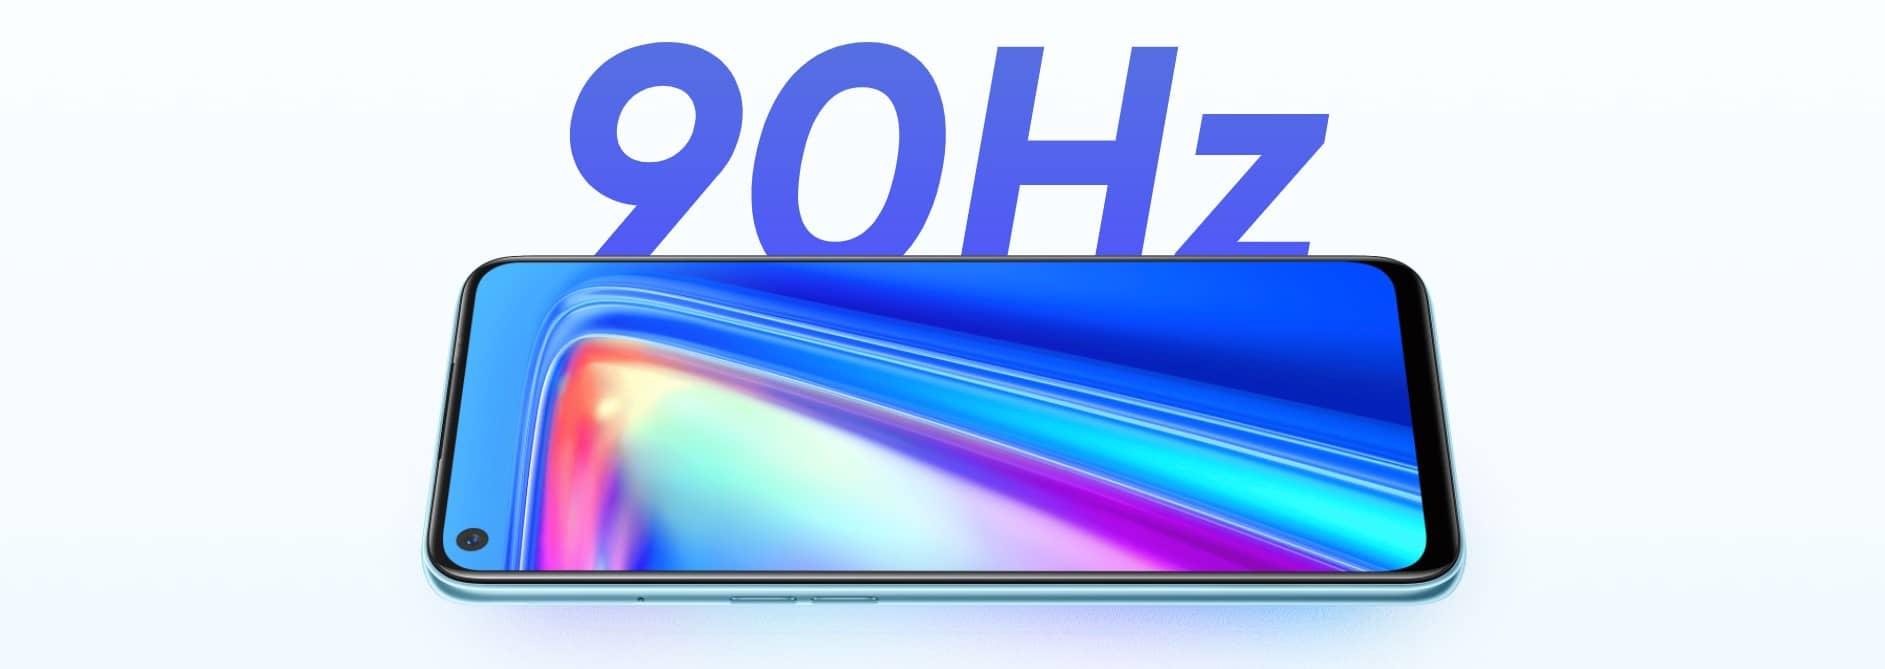 Realme 7 частота обновления экрана 90 Герц